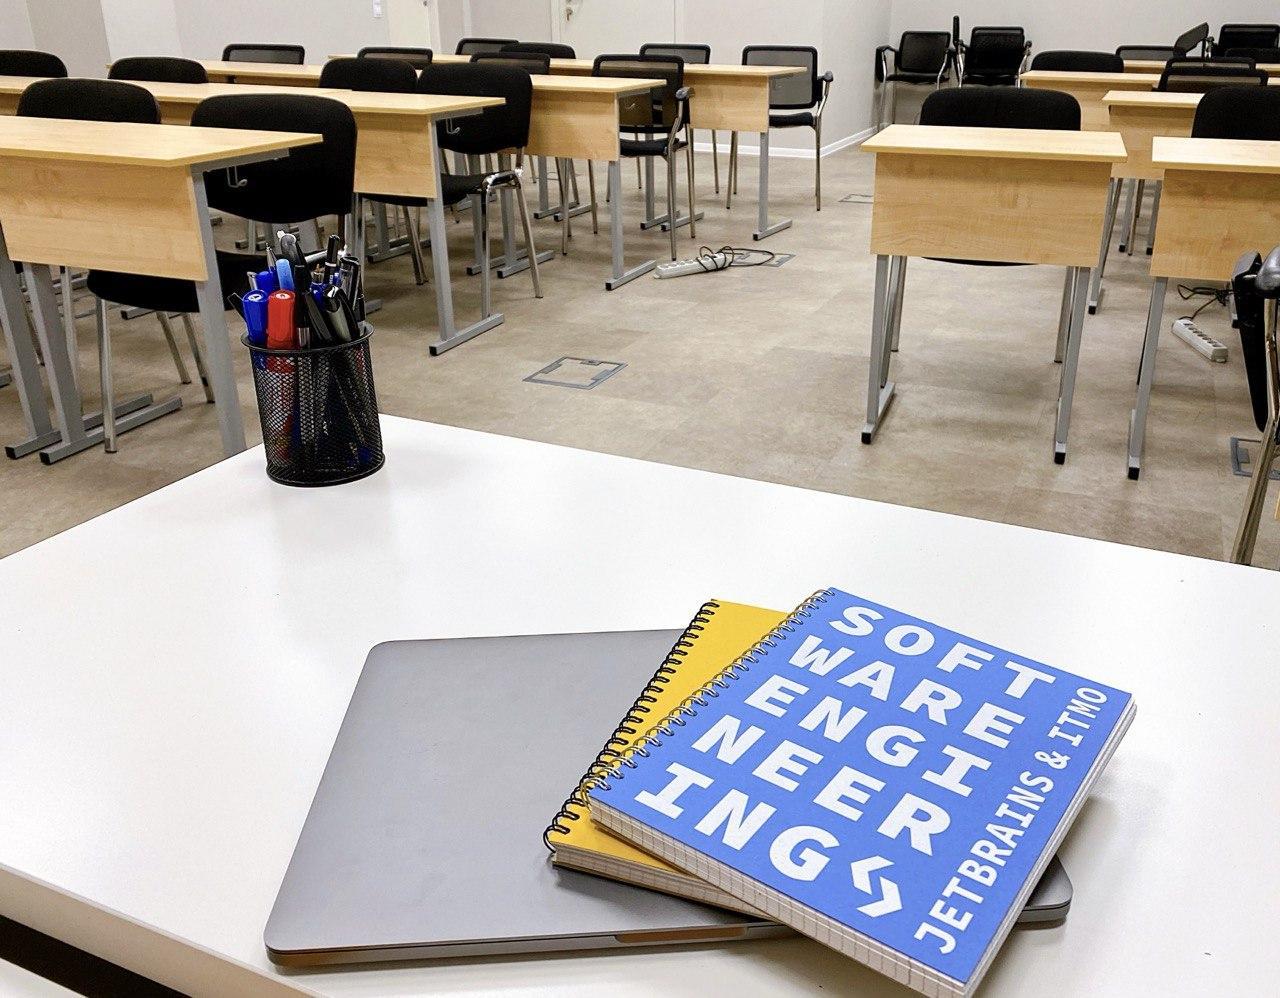 Магистерская программа JetBrains на базе Университете ИТМО: интервью со студентами - 1